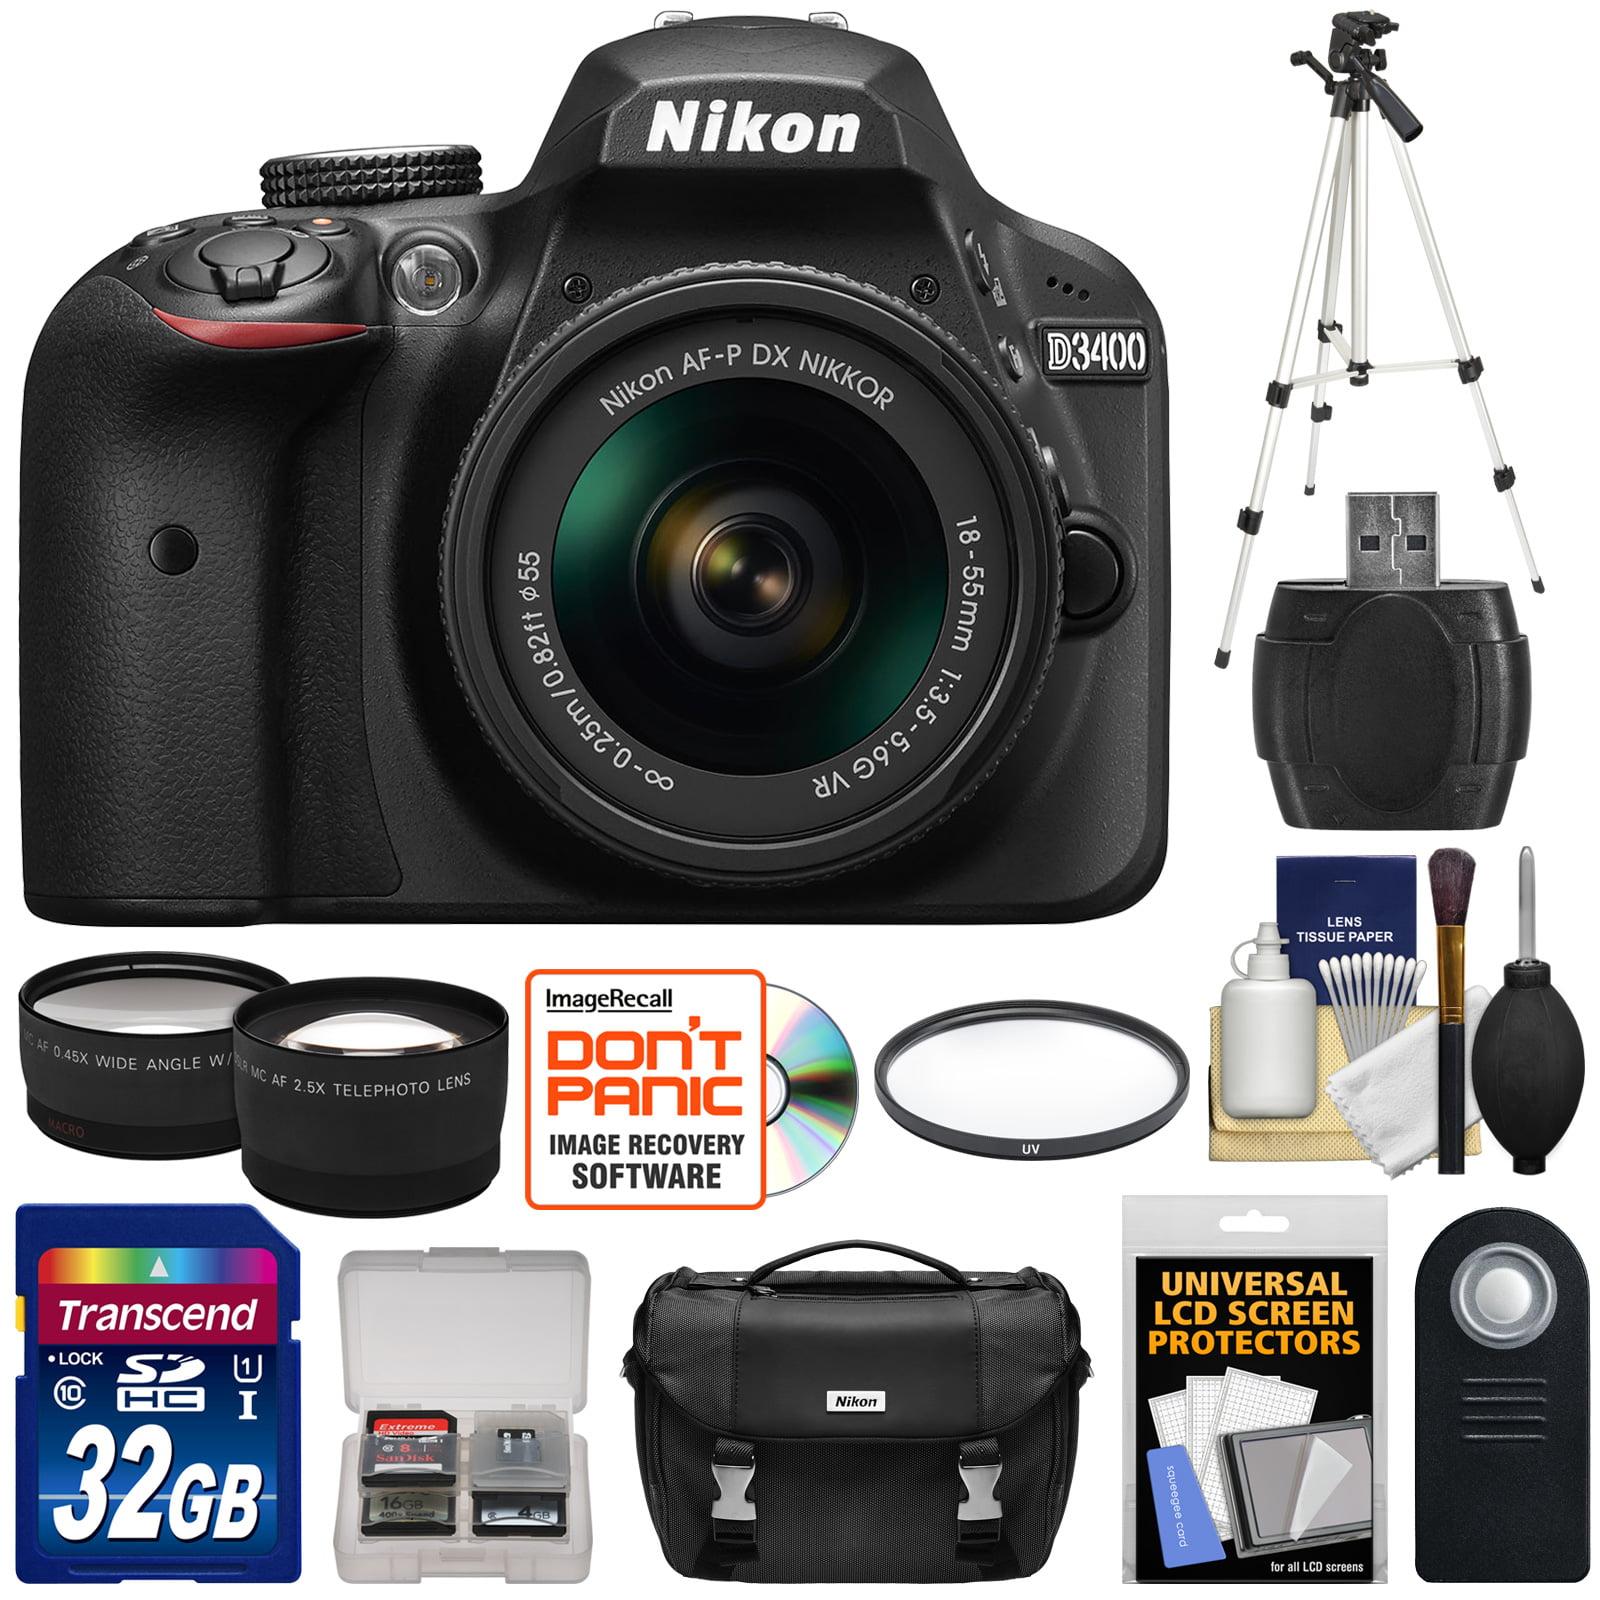 Nikon D3400 Digital SLR Camera & 18-55mm VR DX AF-P Zoom Lens (Black) - Refurbished with 32GB Card + Case + Tripod + Filter + Telephoto & Wide-Angle Lenses + Kit